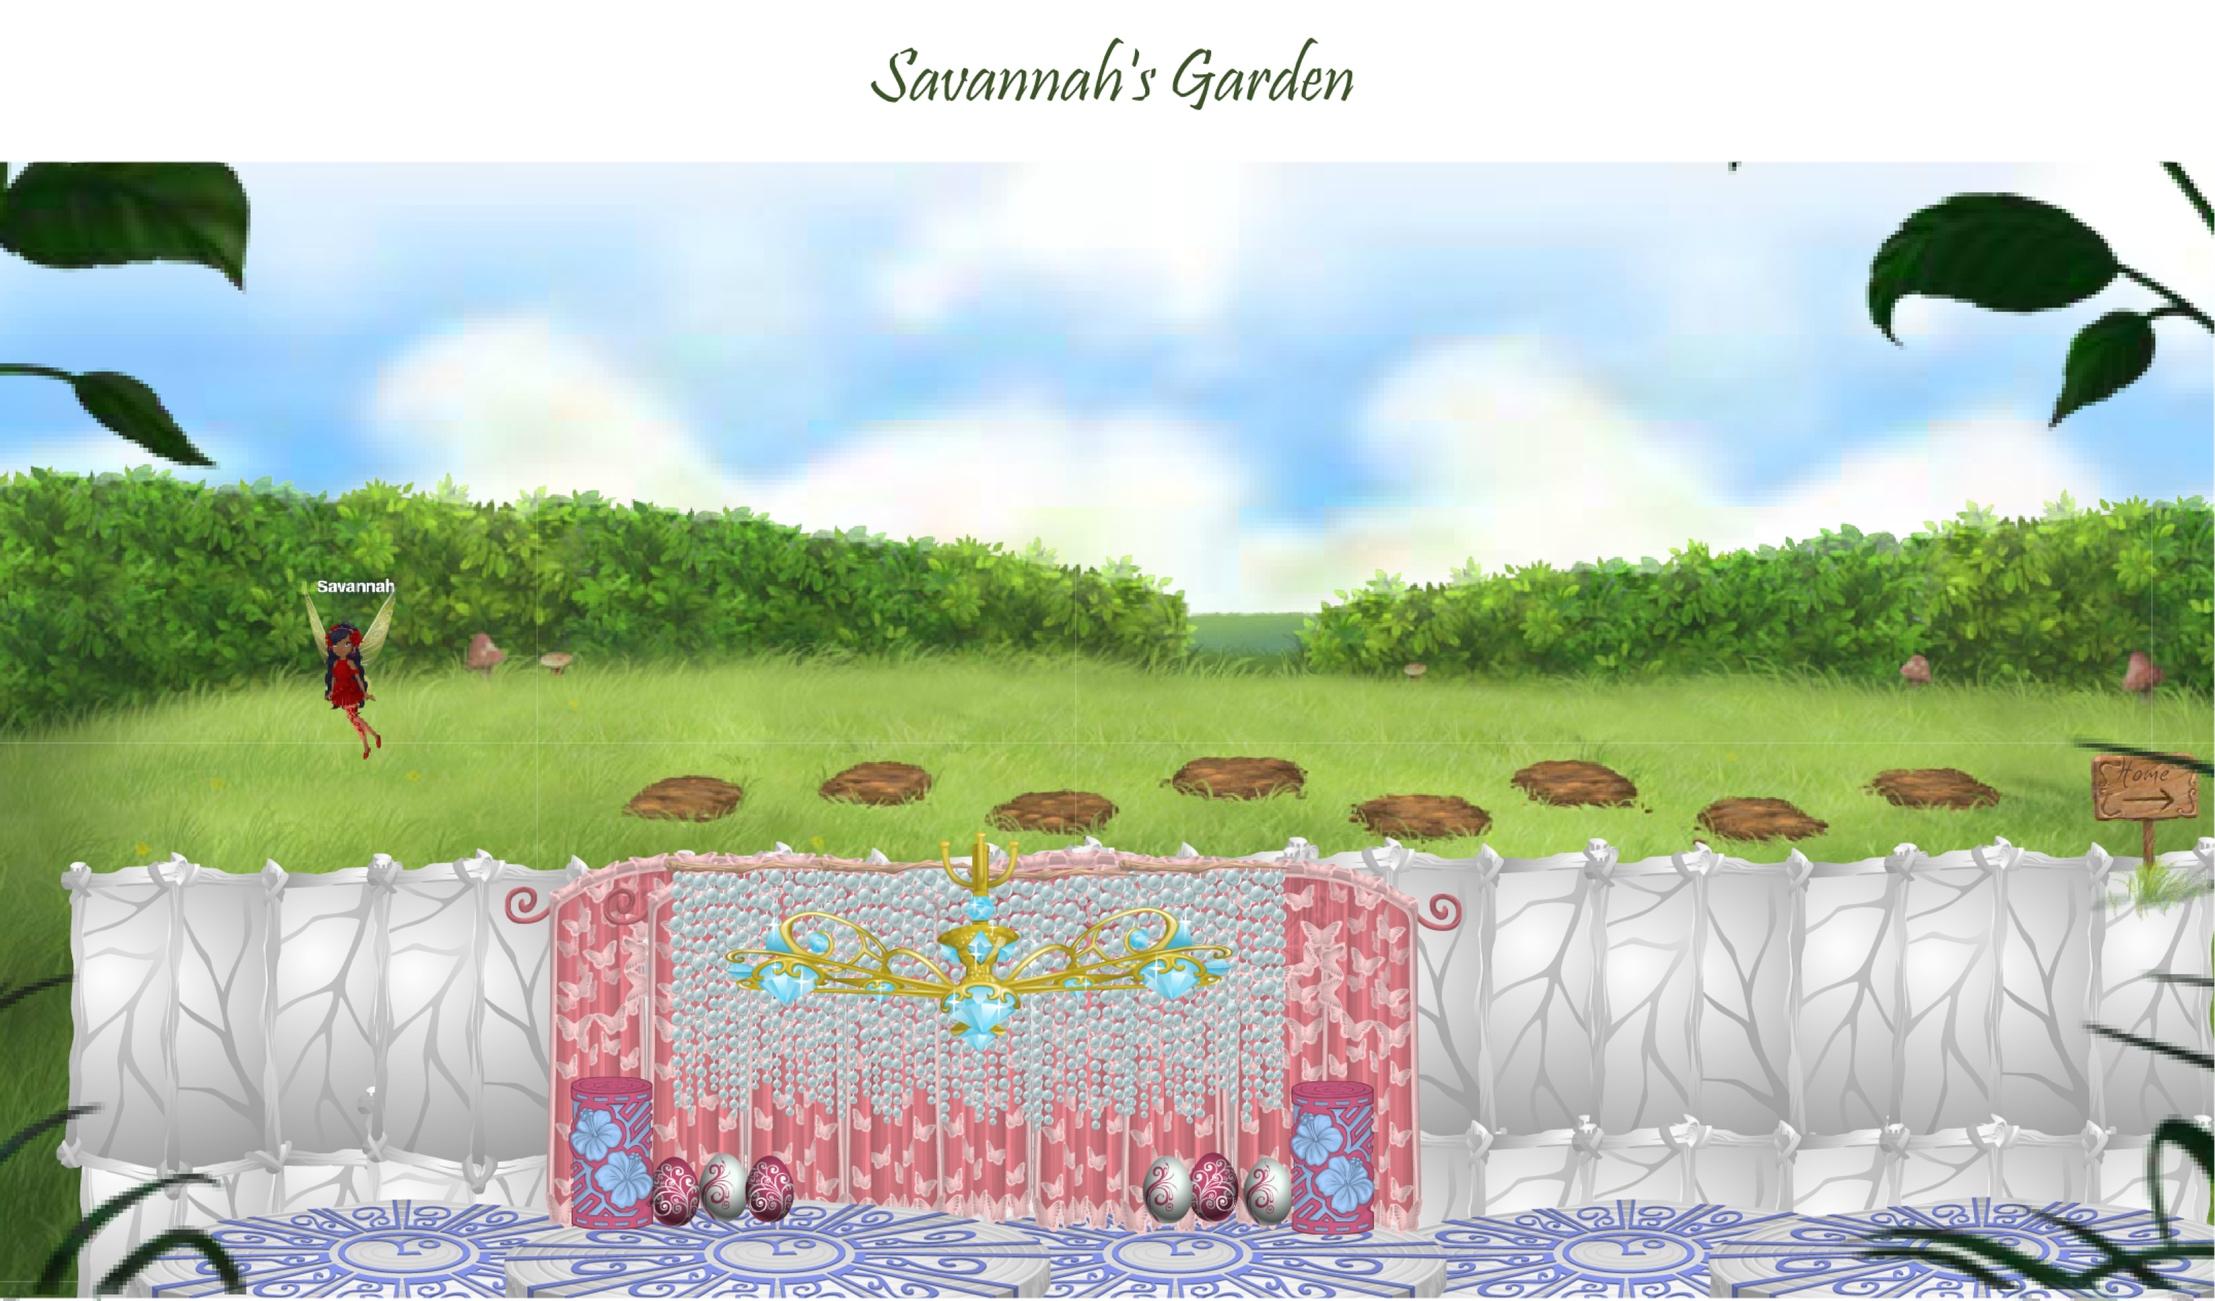 Savannah's Garden 1.jpg